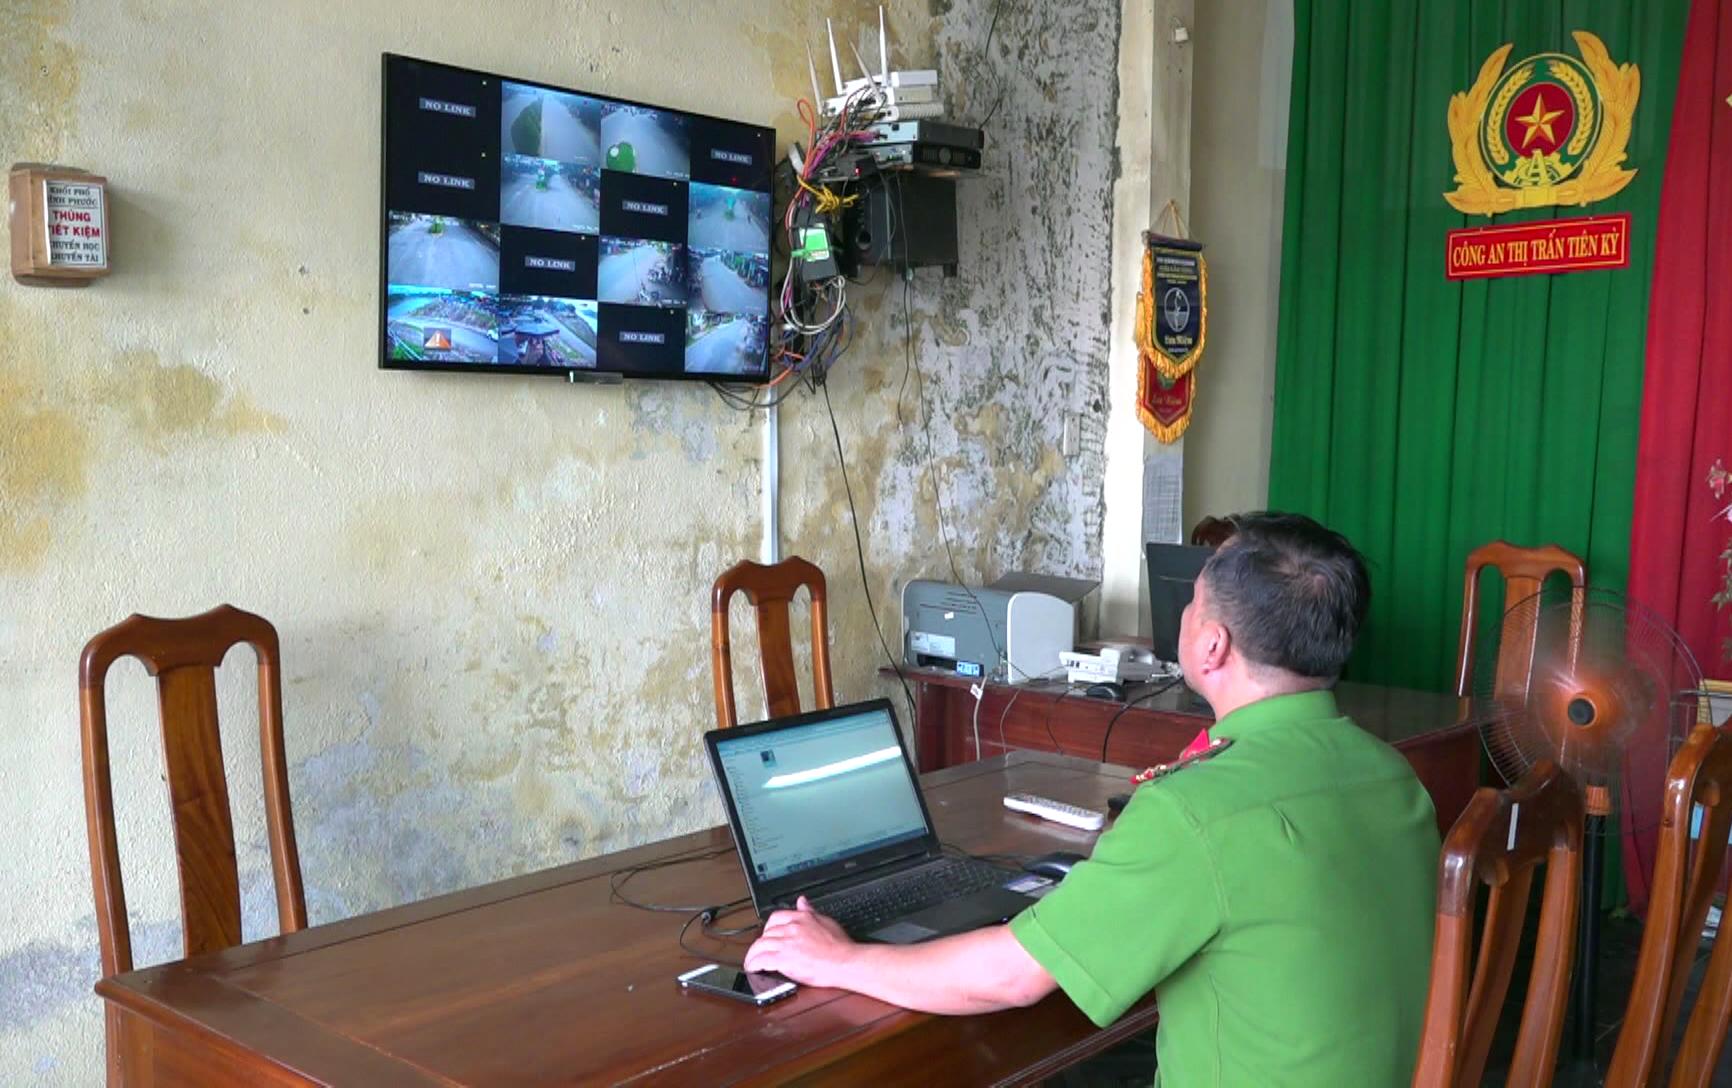 Công an Thị trấn Tiên Kỳ, Tiên Phước trích xuất hình ảnh từ camera an ninh để điều tra các vụ vi phạm pháp luật trên địa bàn. Ảnh: X.MAI